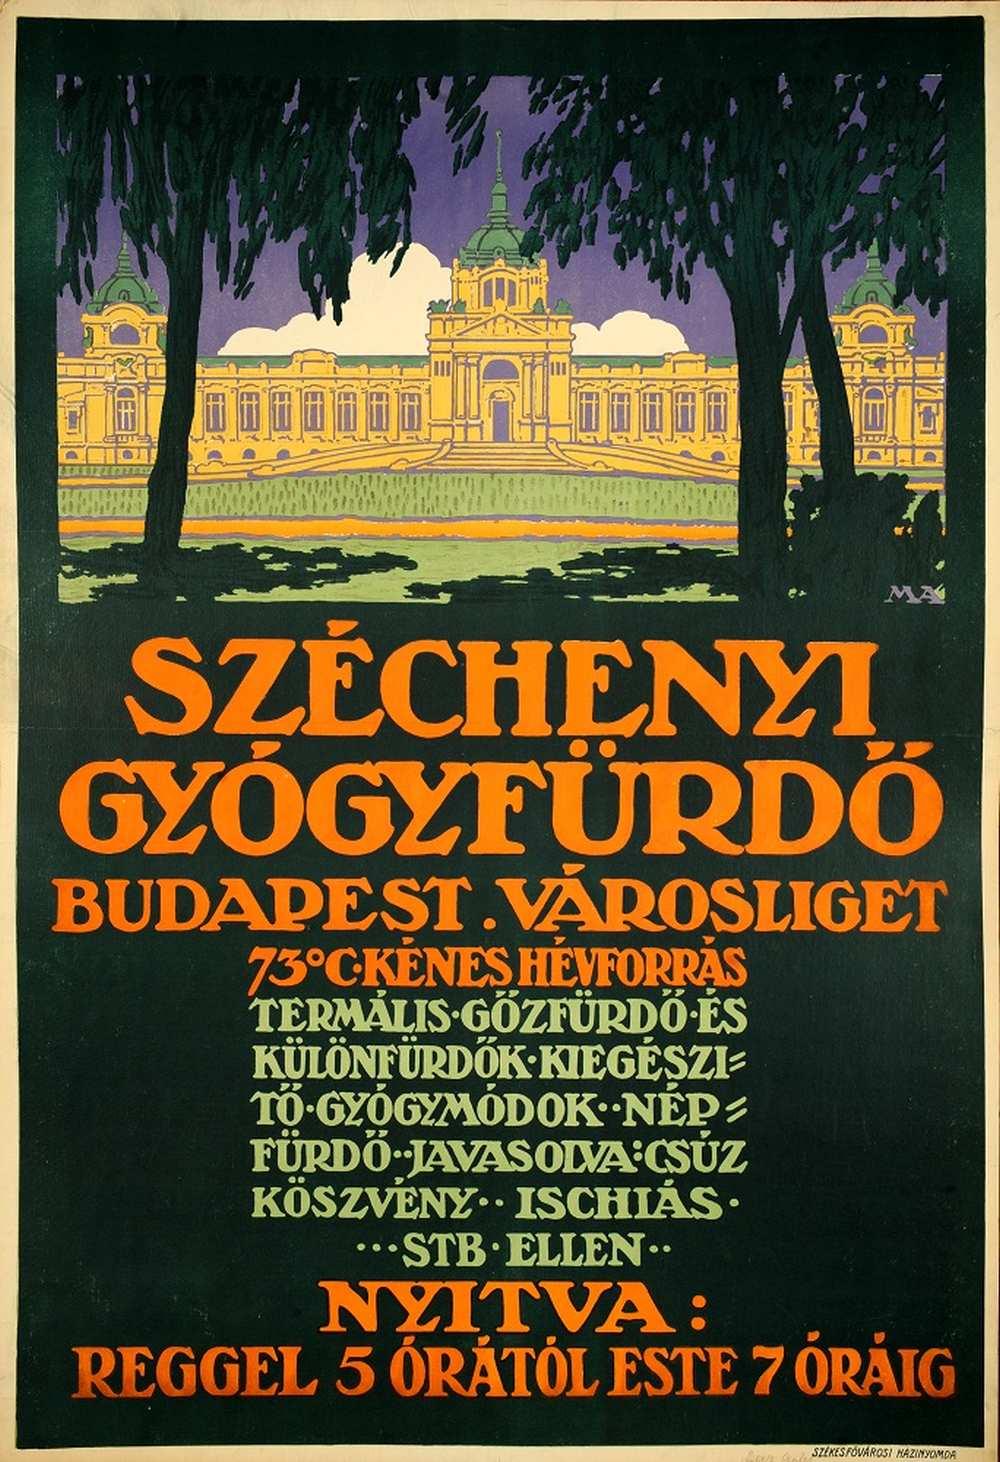 Széchényi Gyógyfürdő Budapest – Térkép-, Plakát- és Kisnyomtatványtár. Jelzet: PKG.1914e/324/a http://nektar.oszk.hu/hu/manifestation/2794566